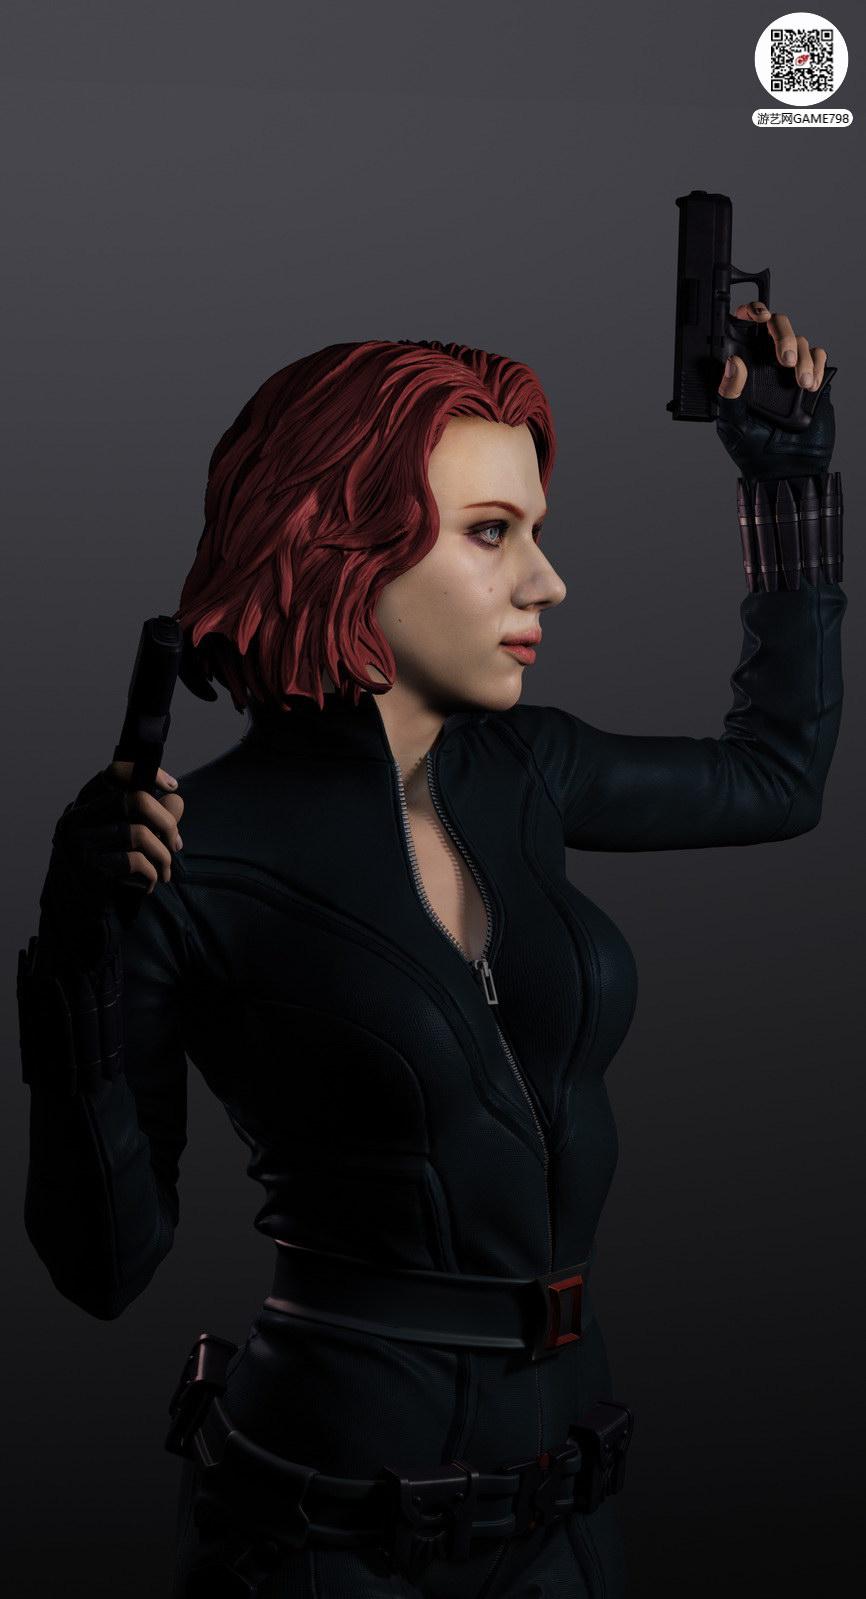 次世代黑寡妇CG模型下载